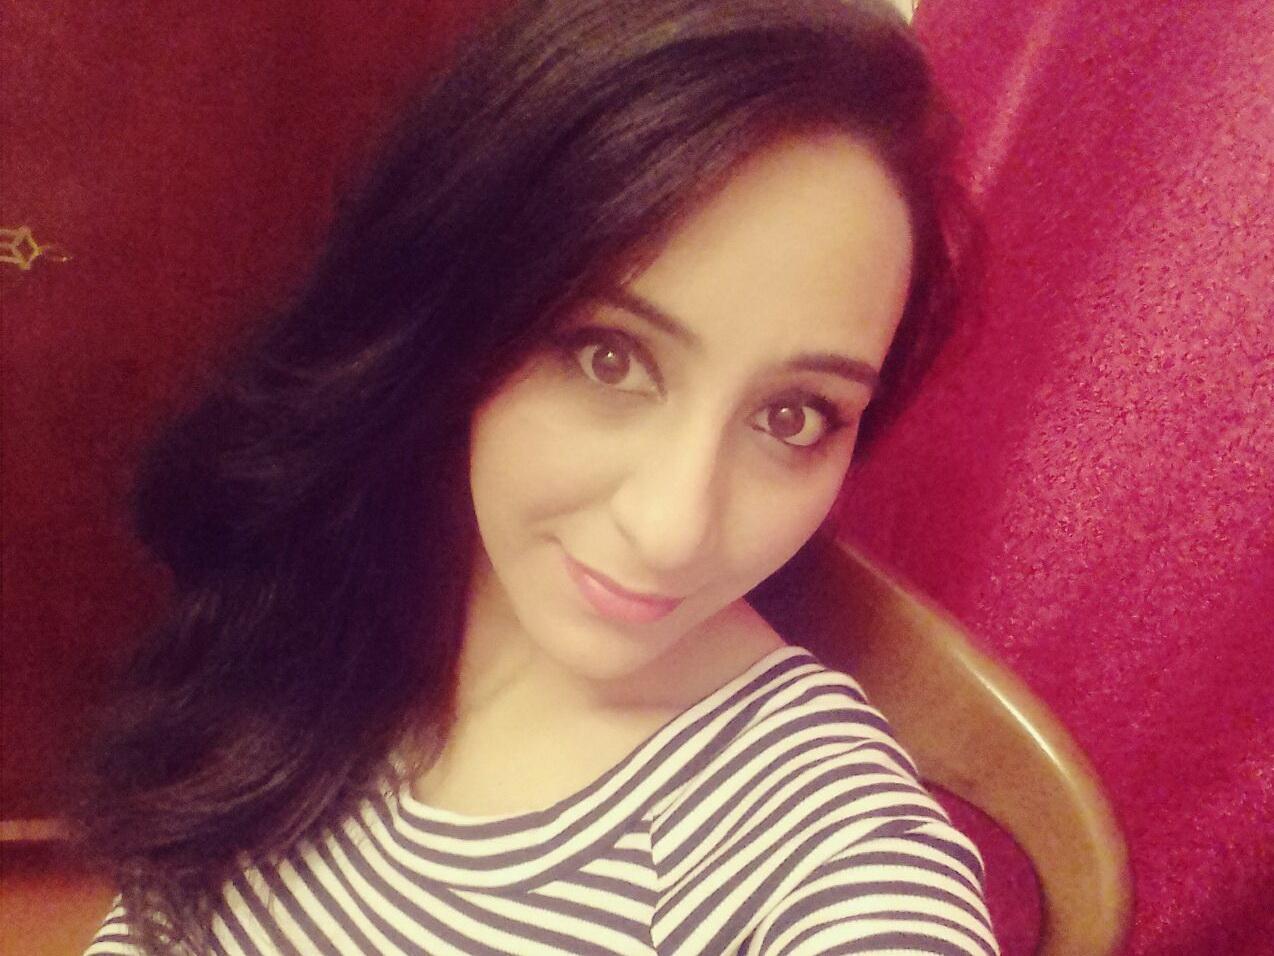 Турана Ахмедова: «Мне осталось 2-3 месяца, но я не хочу умирать! Помогите…» — ФОТО